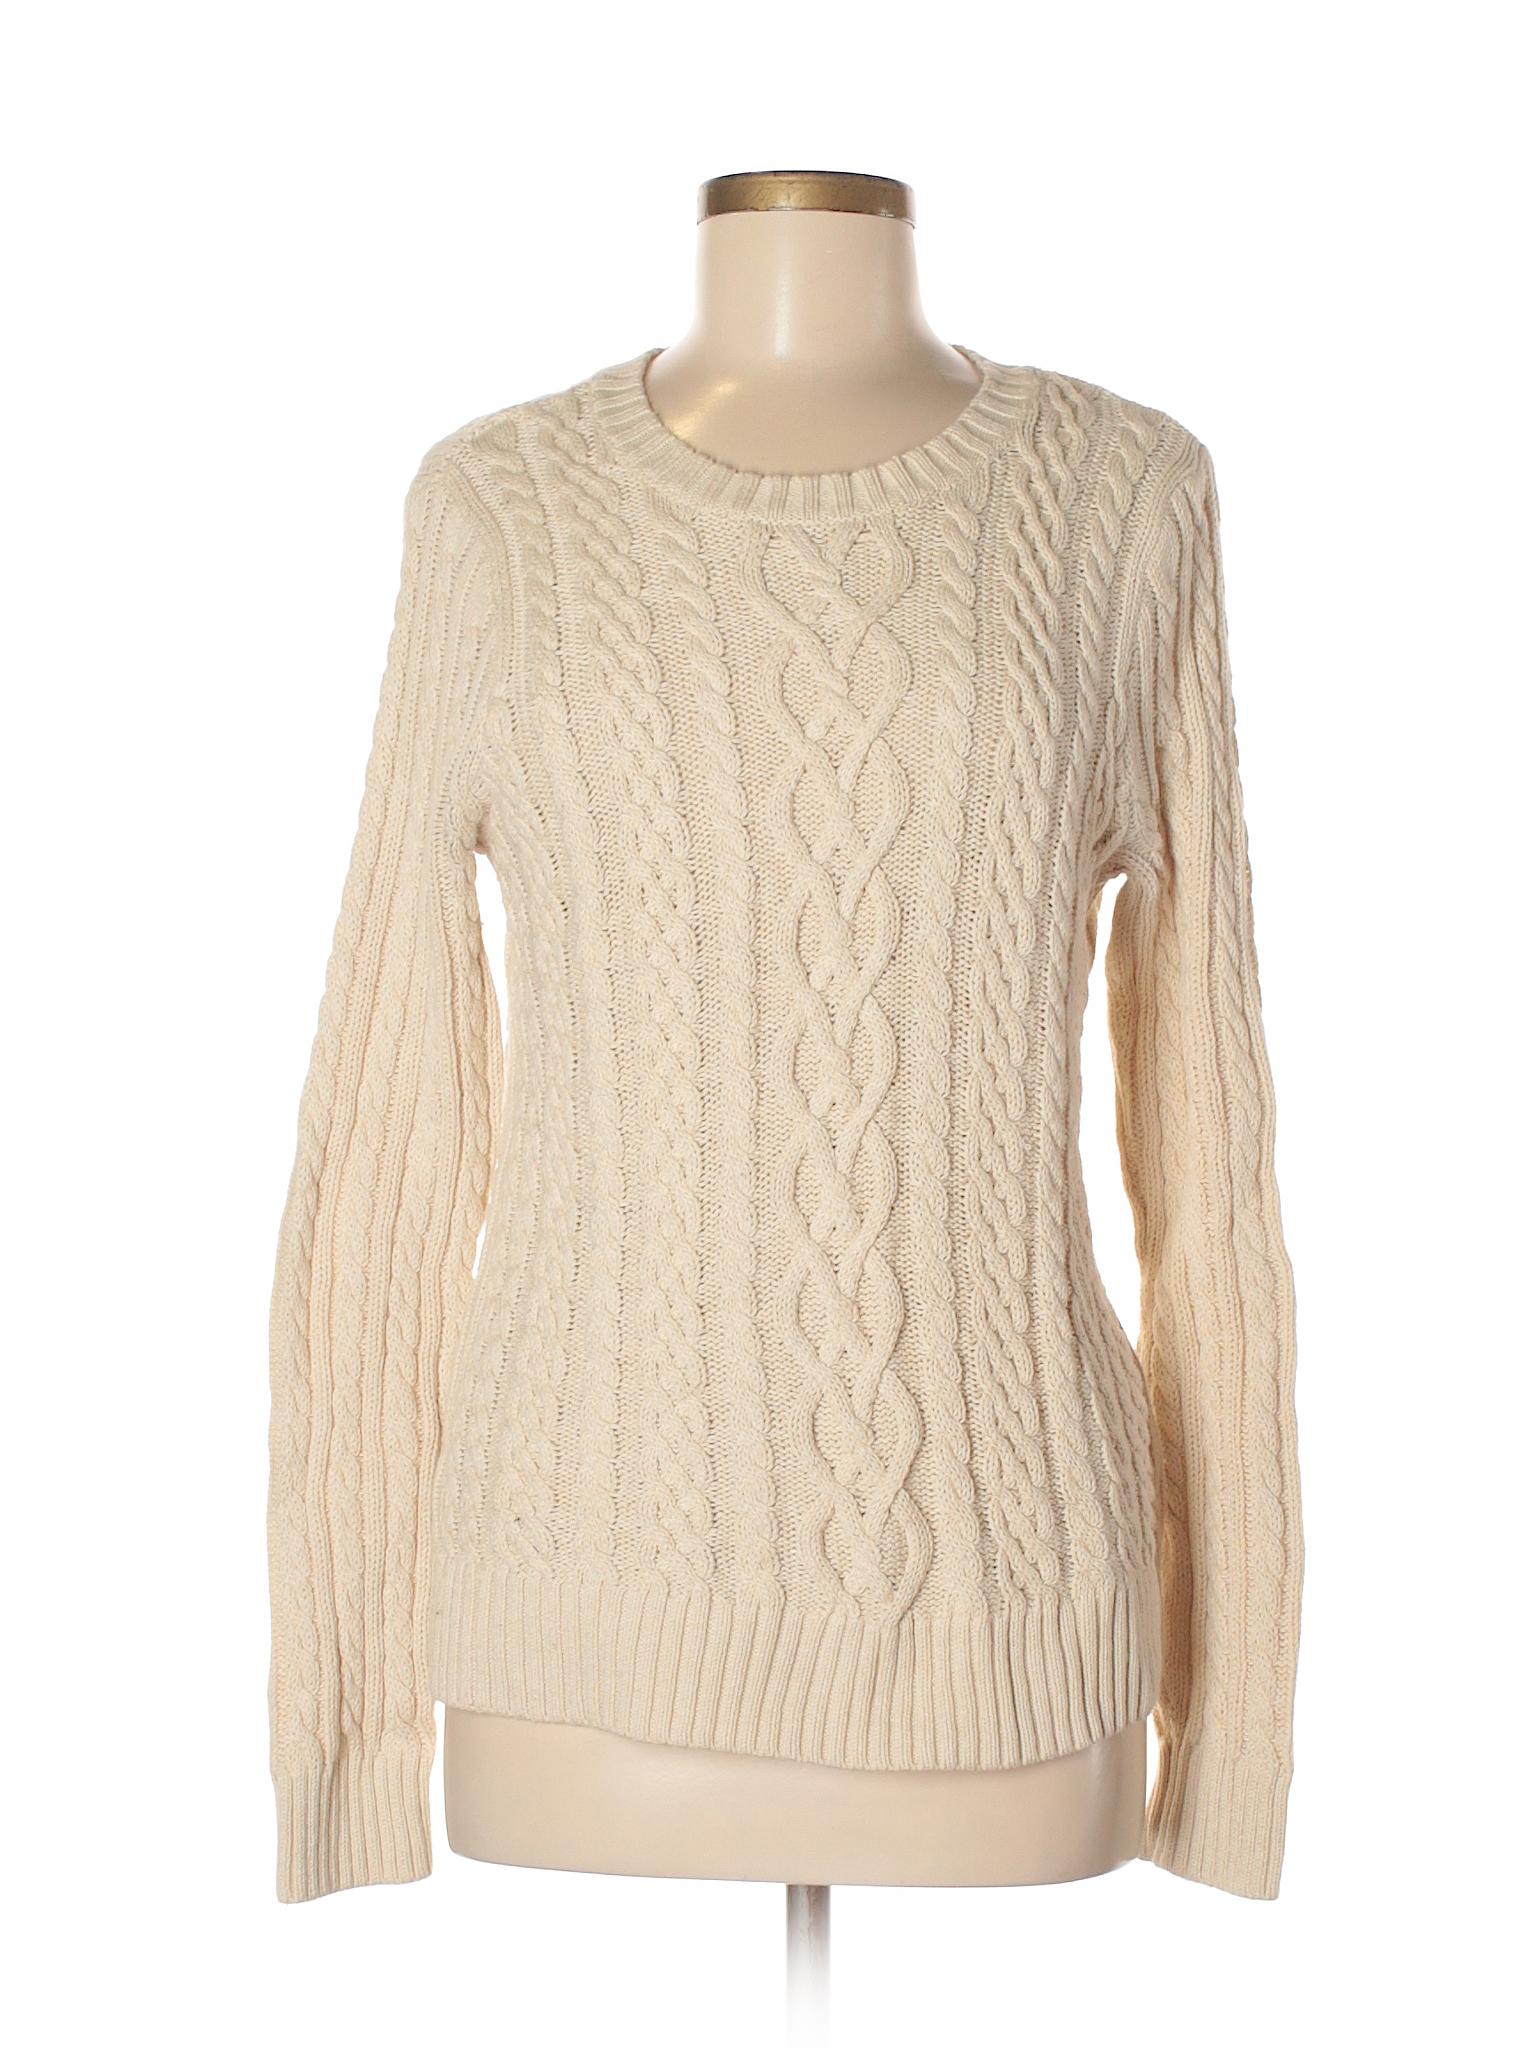 Jeanne Pierre Pierre Boutique Pullover Boutique Sweater Pullover Sweater Jeanne Boutique Jeanne p6wqT